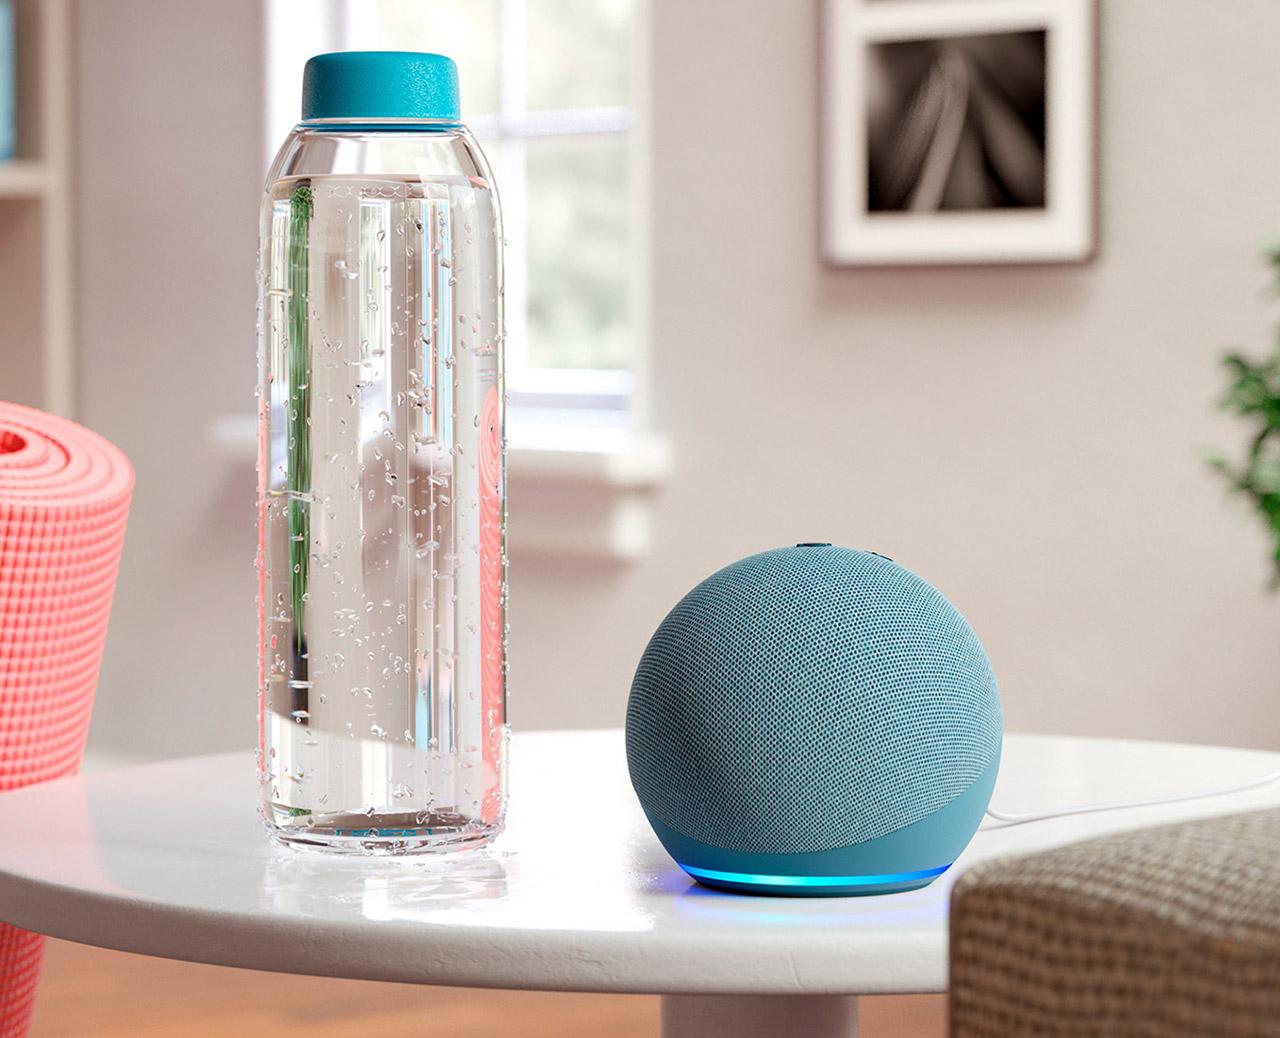 New Amazon Echo Dot 4th Gen Smart Speaker